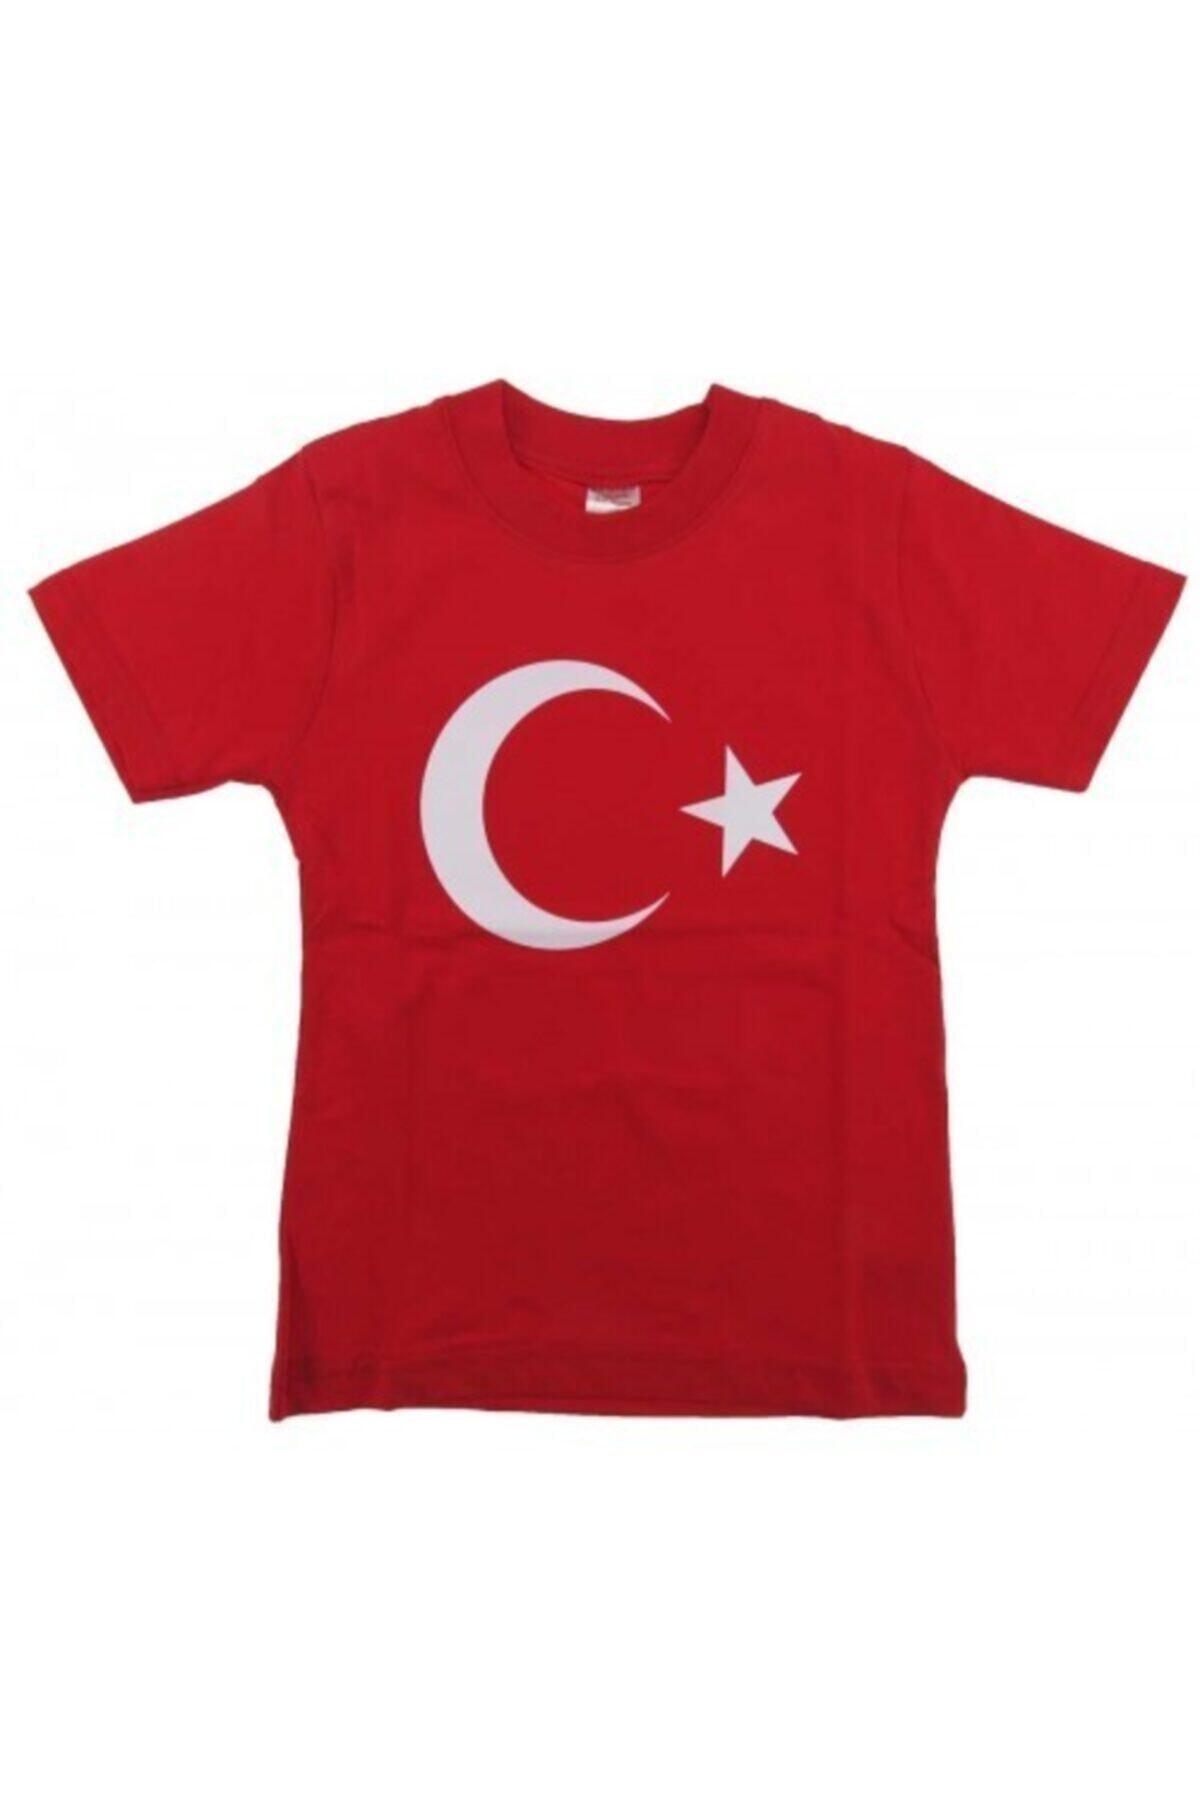 Çocuk Kırmızı Ay Yıldız Türk Bayraklı T-shirt